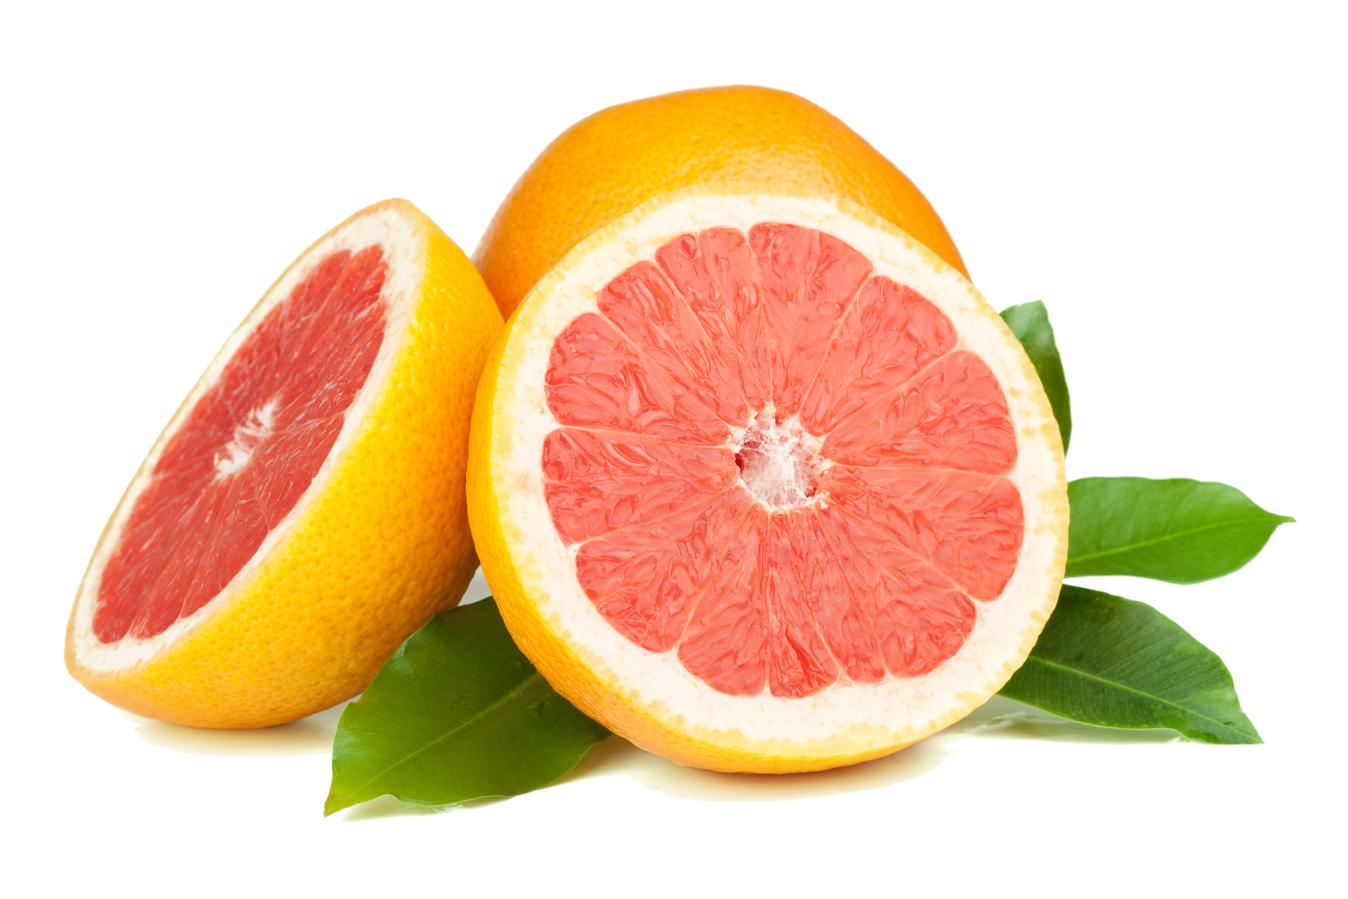 benefícios do d limoneno